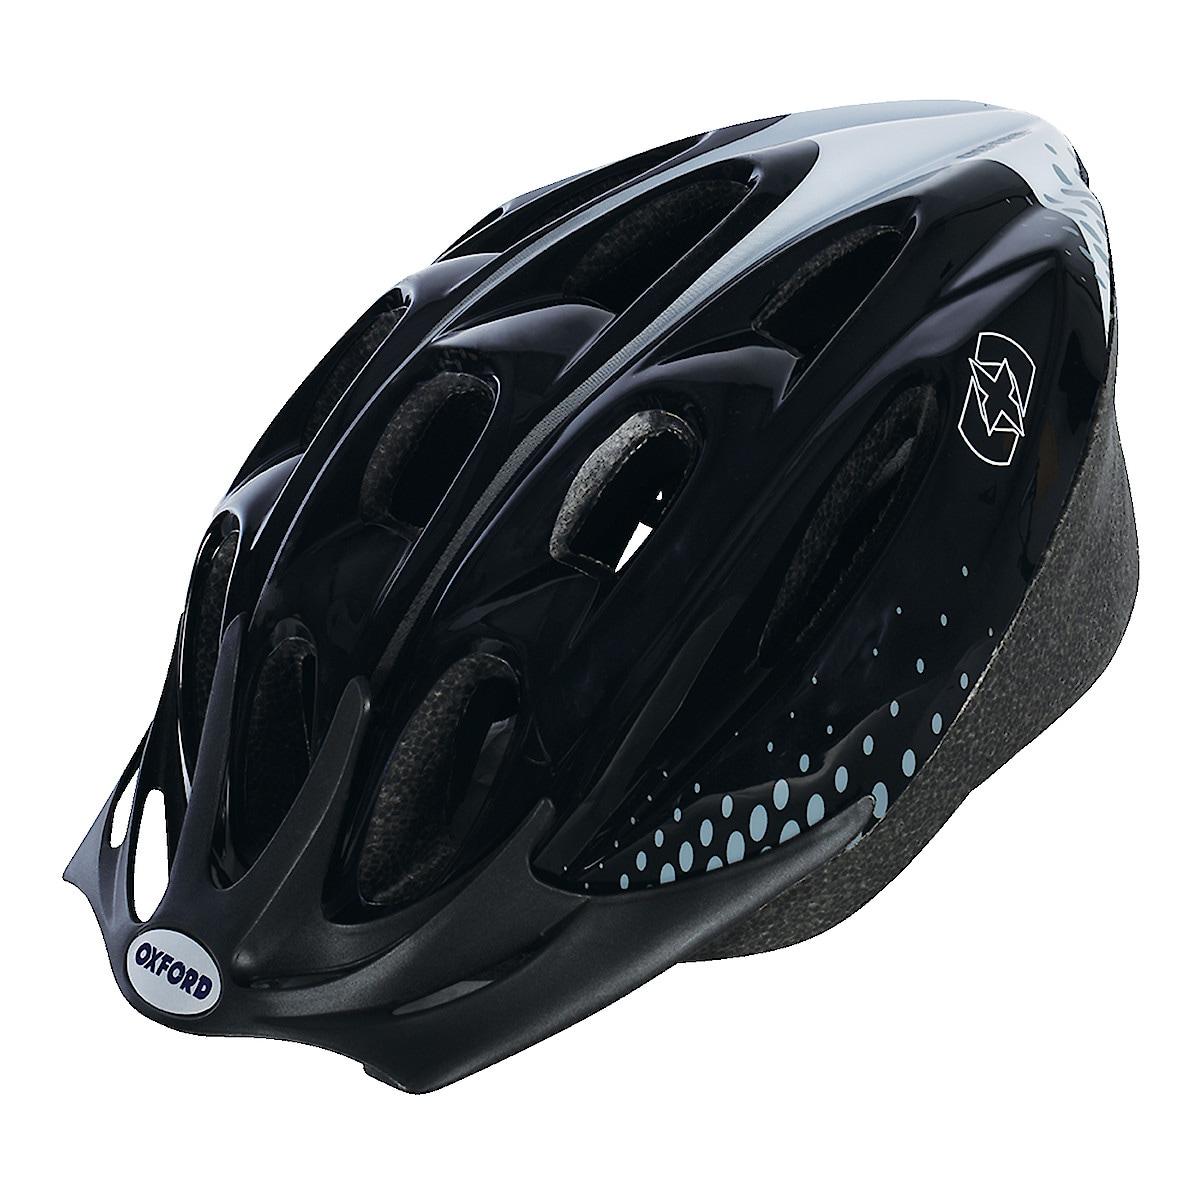 Oxford Hurricane F15 cycle helmet